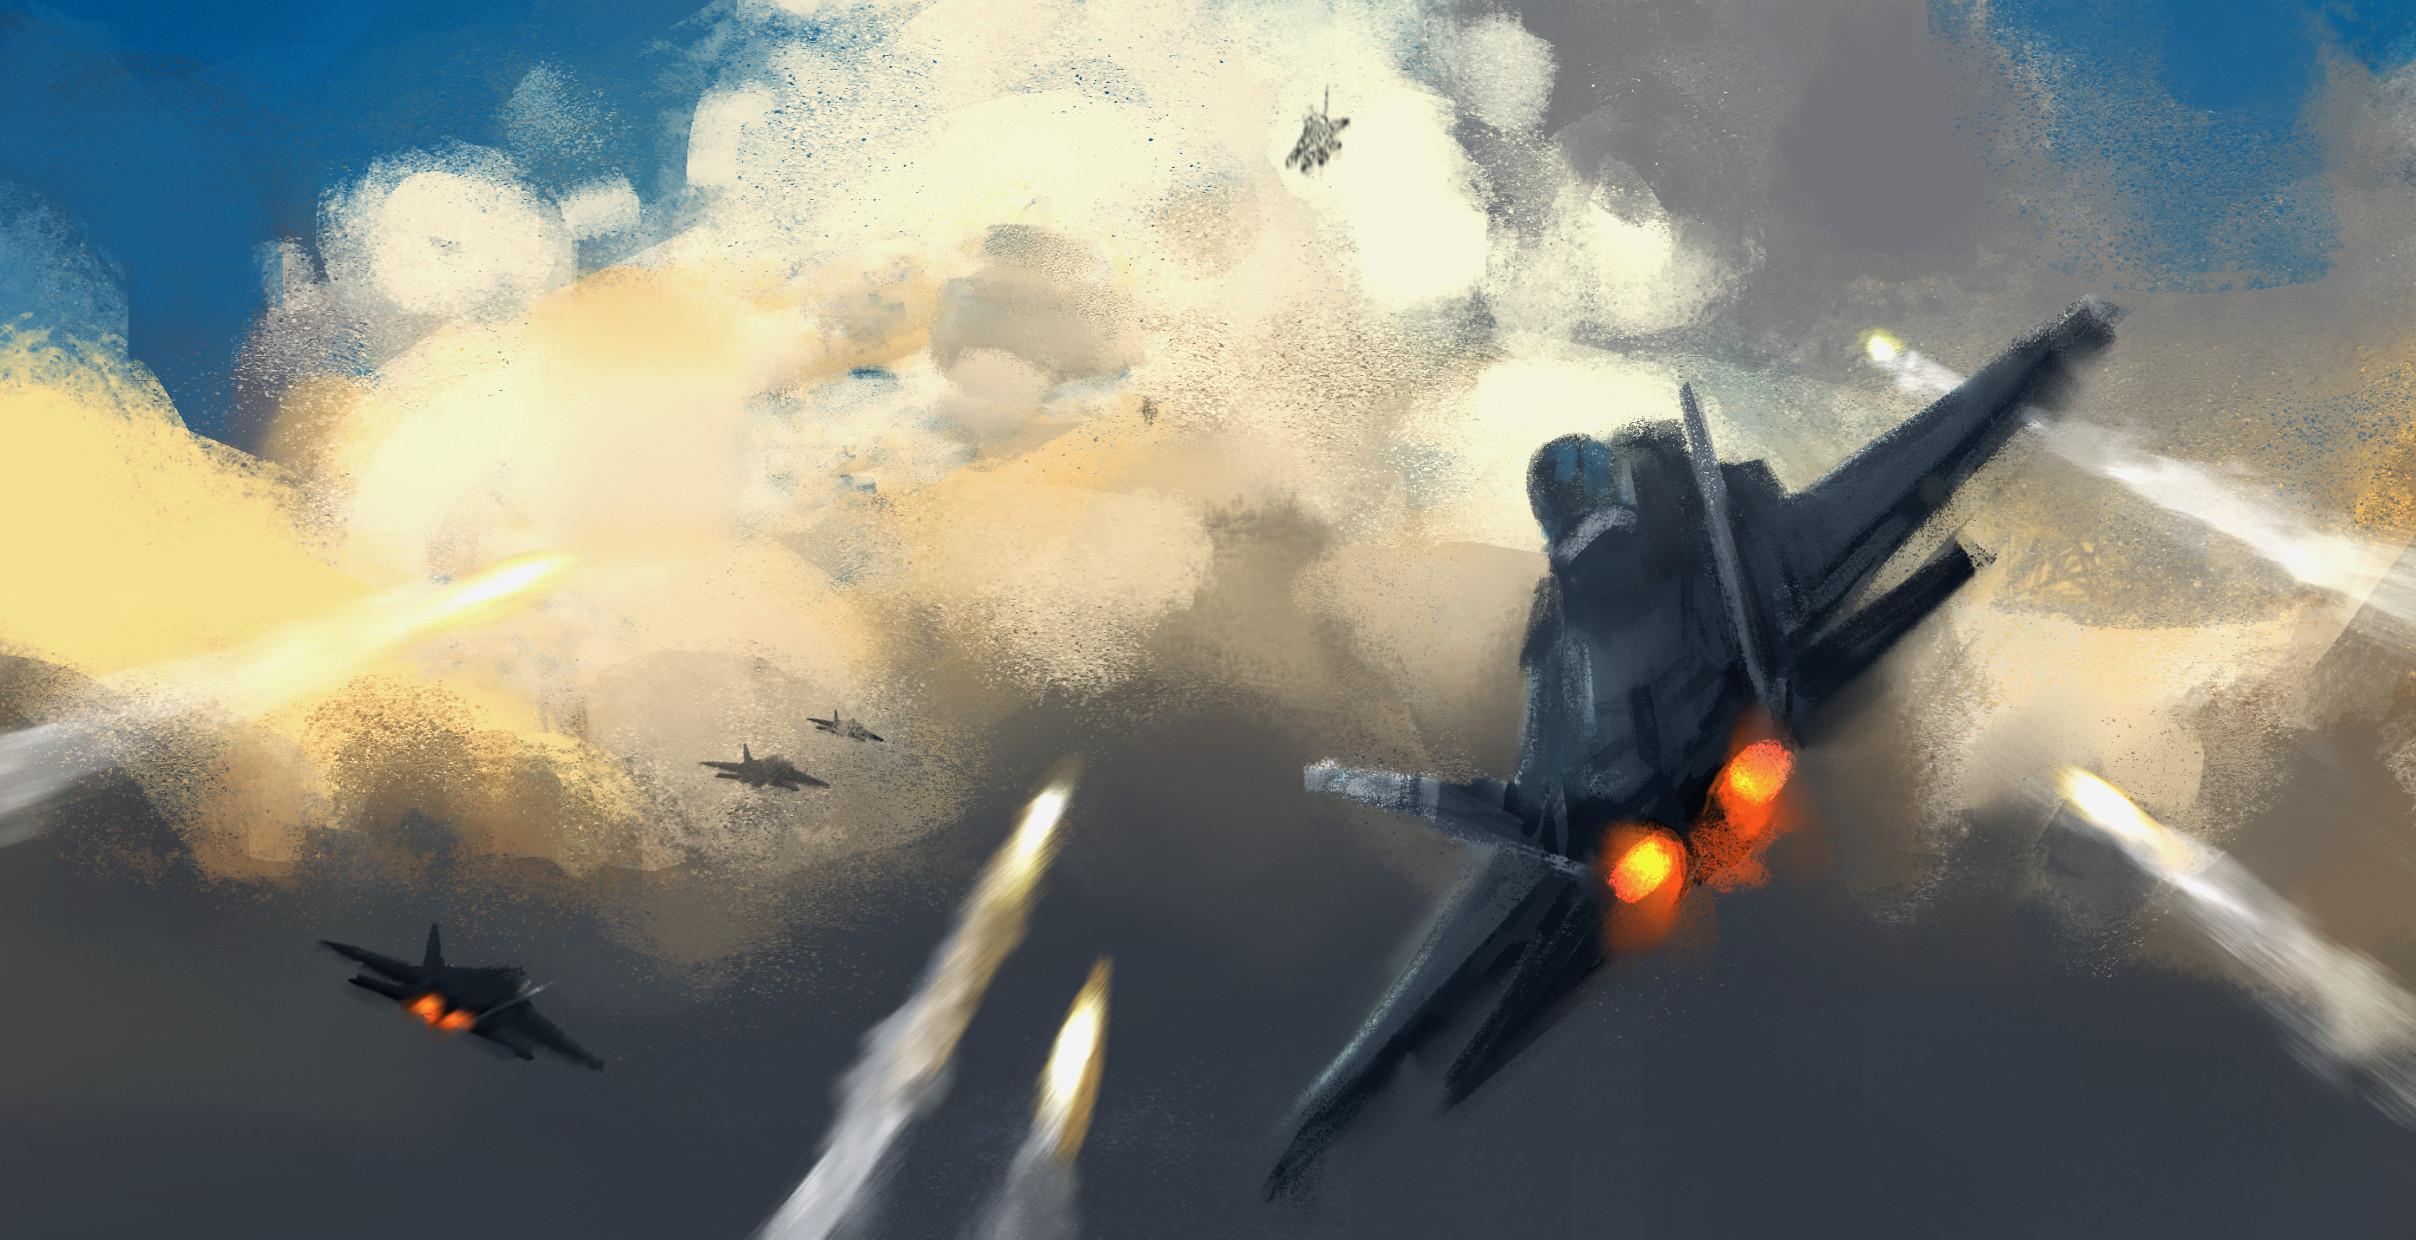 Missile Lock